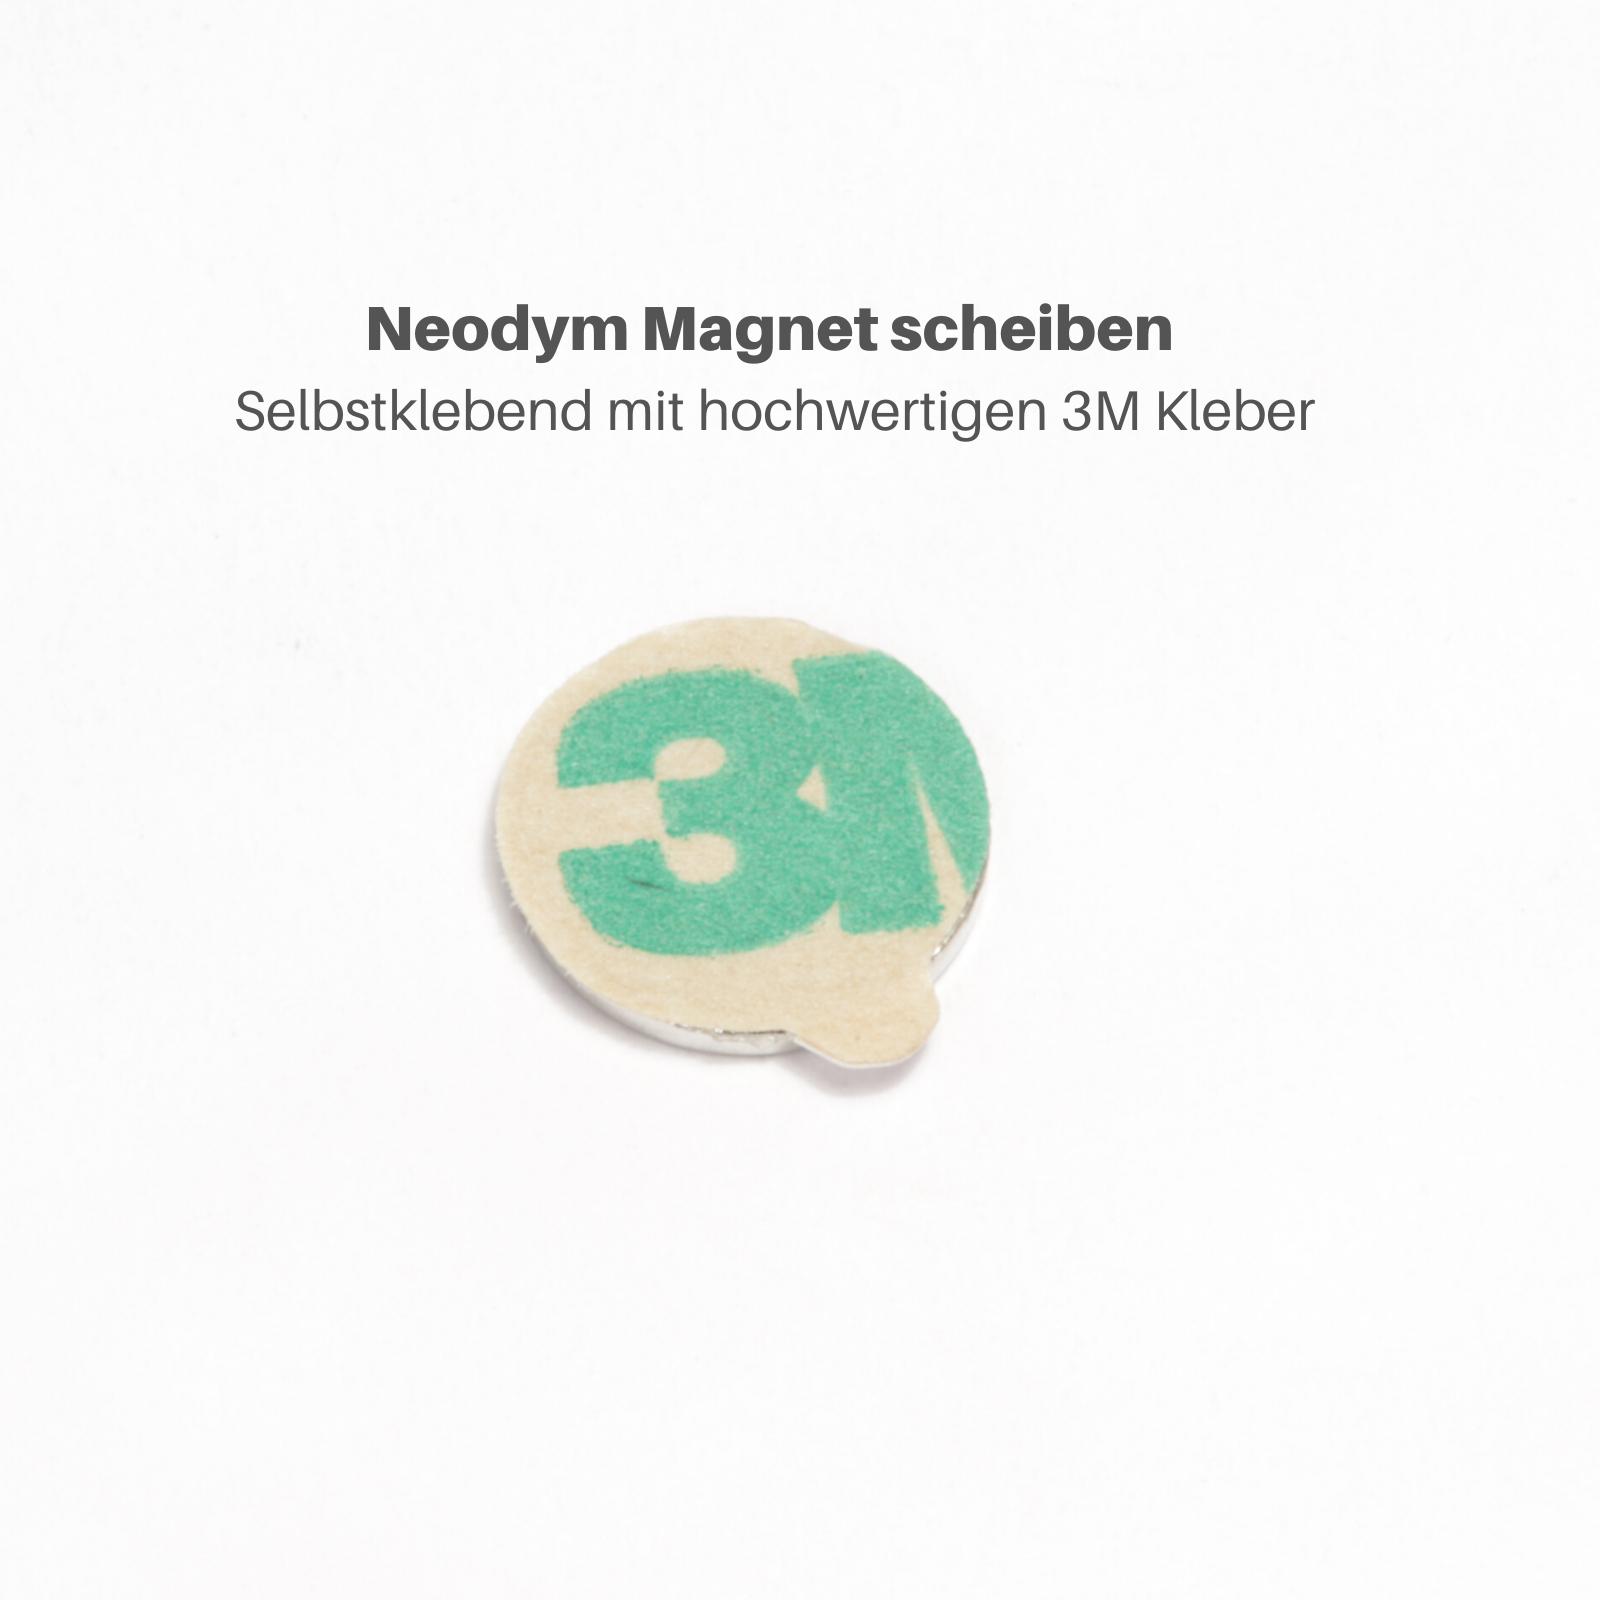 Neodym Magnete Selbstkelbend Quader Scheiben 3M Klebepad Magnetquader Flach